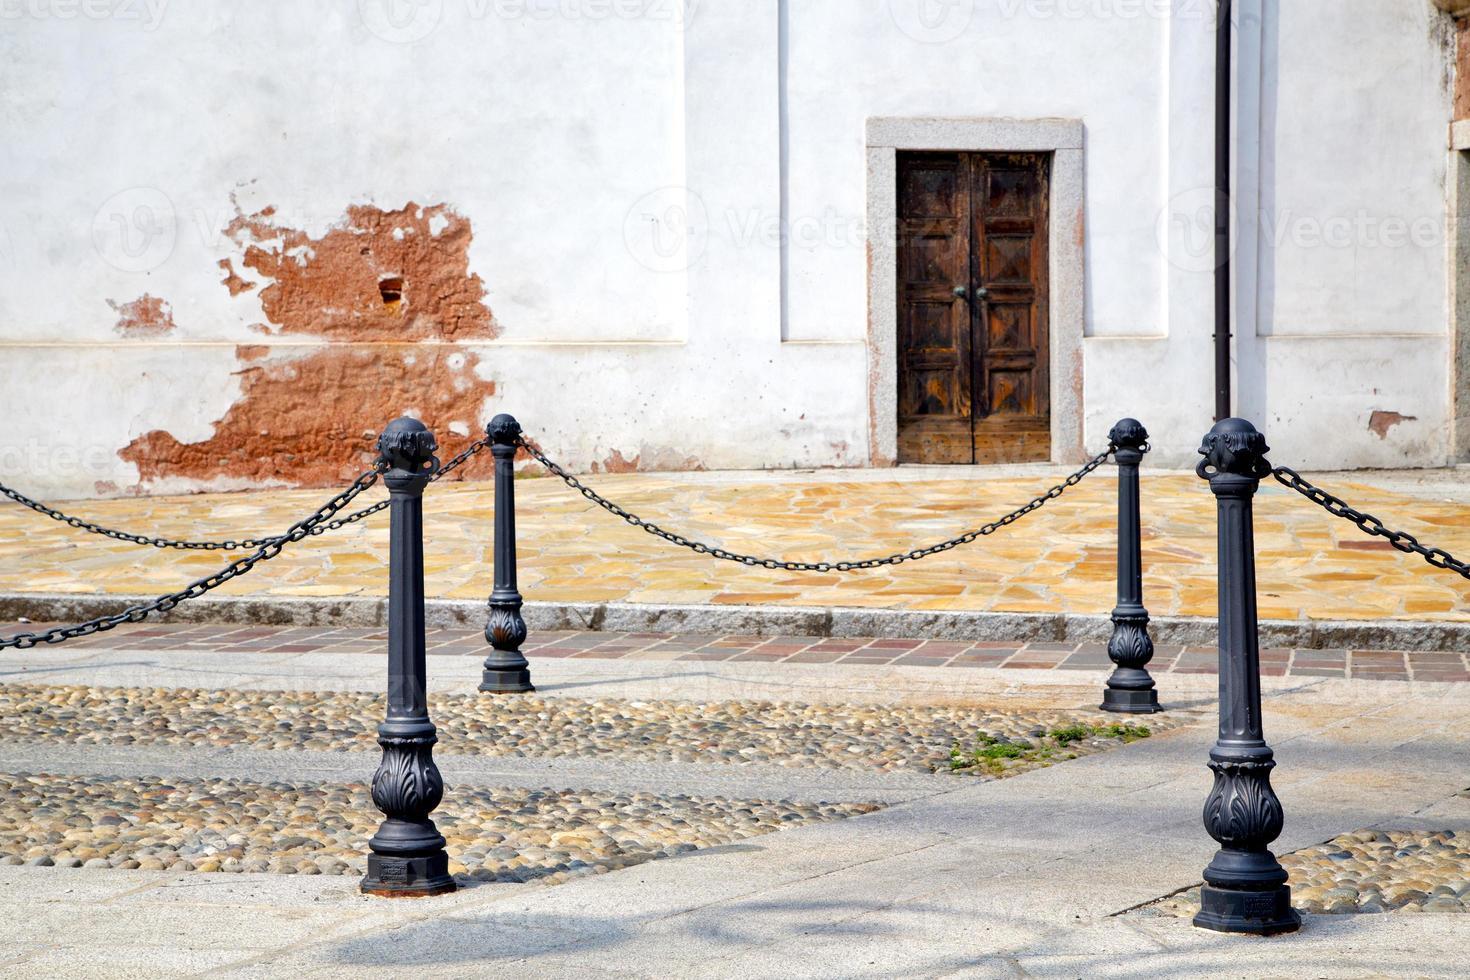 street santo antonino lombardia italia varese abstract foto